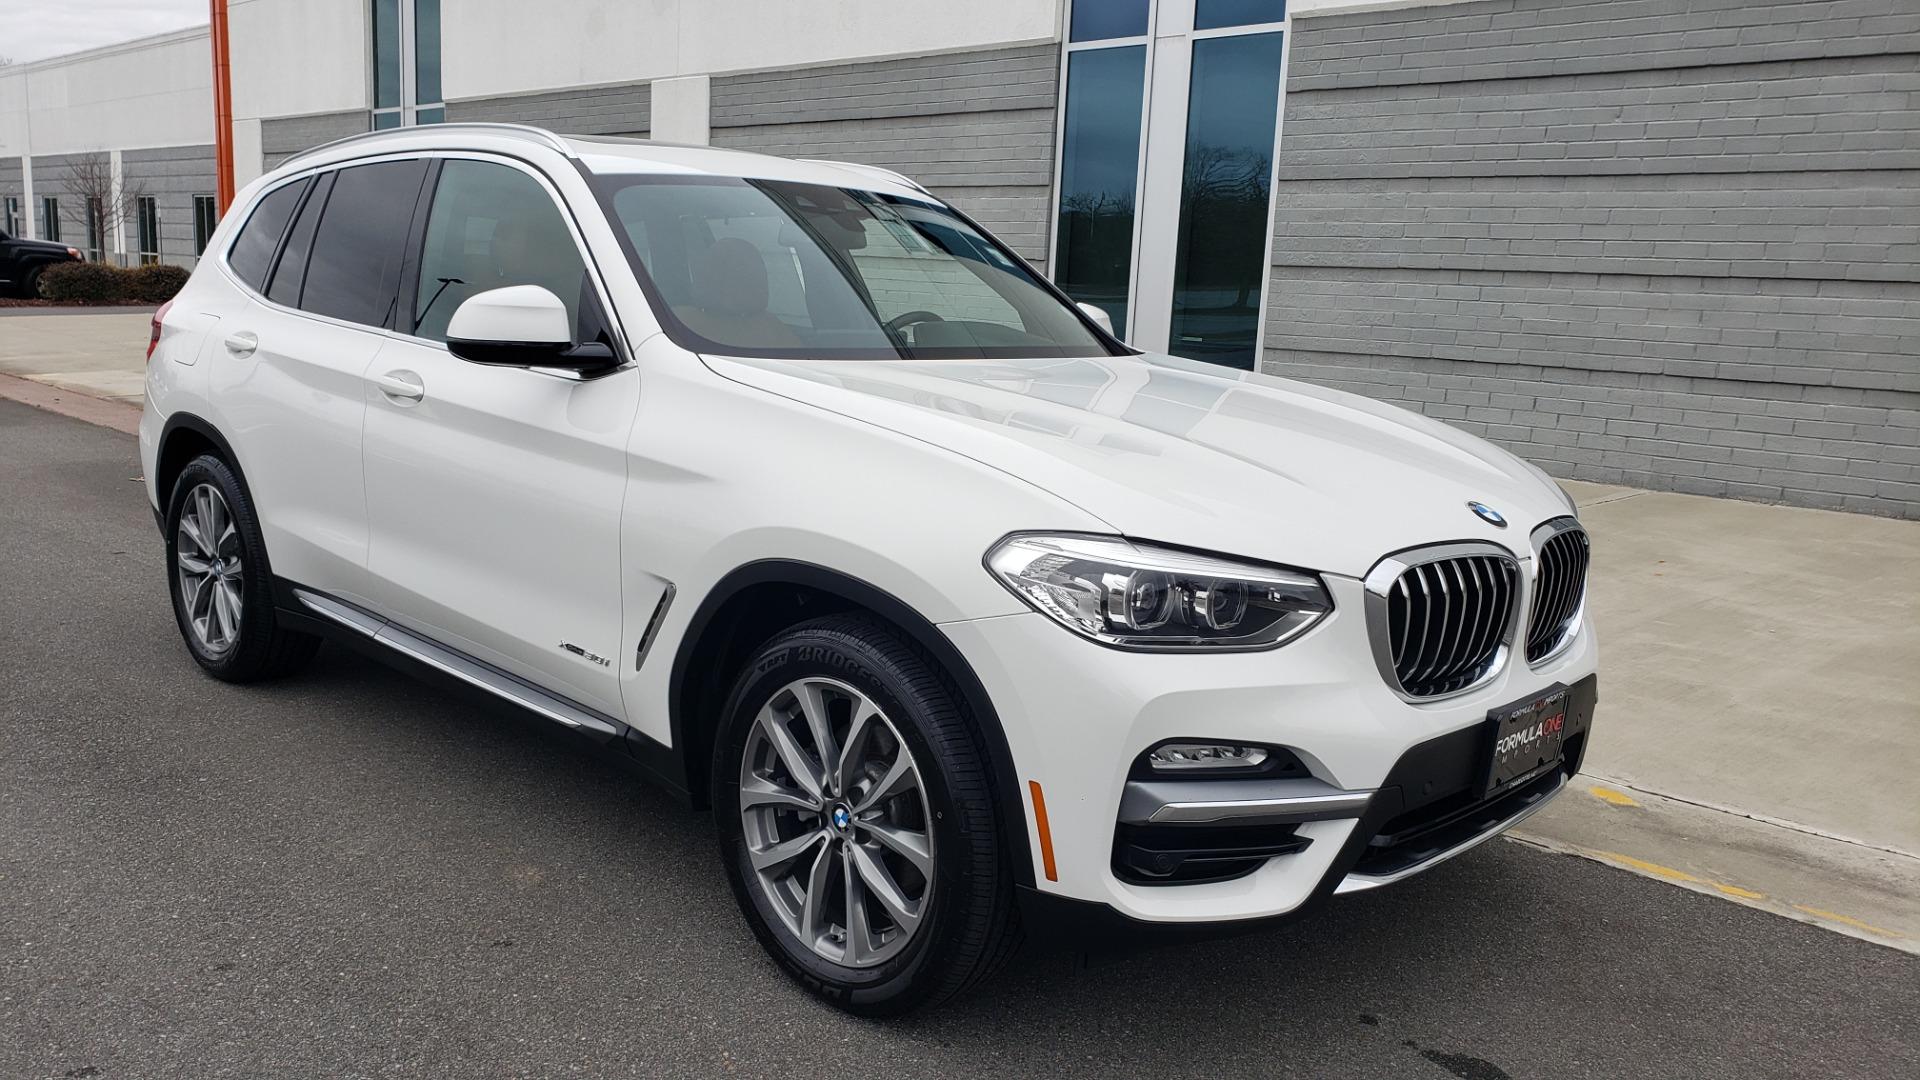 Used 2018 BMW X3 XDRIVE30I / LUX PKG / PREM PKG / CONV PKG / PDC / APPLE CARPLAY for sale Sold at Formula Imports in Charlotte NC 28227 6